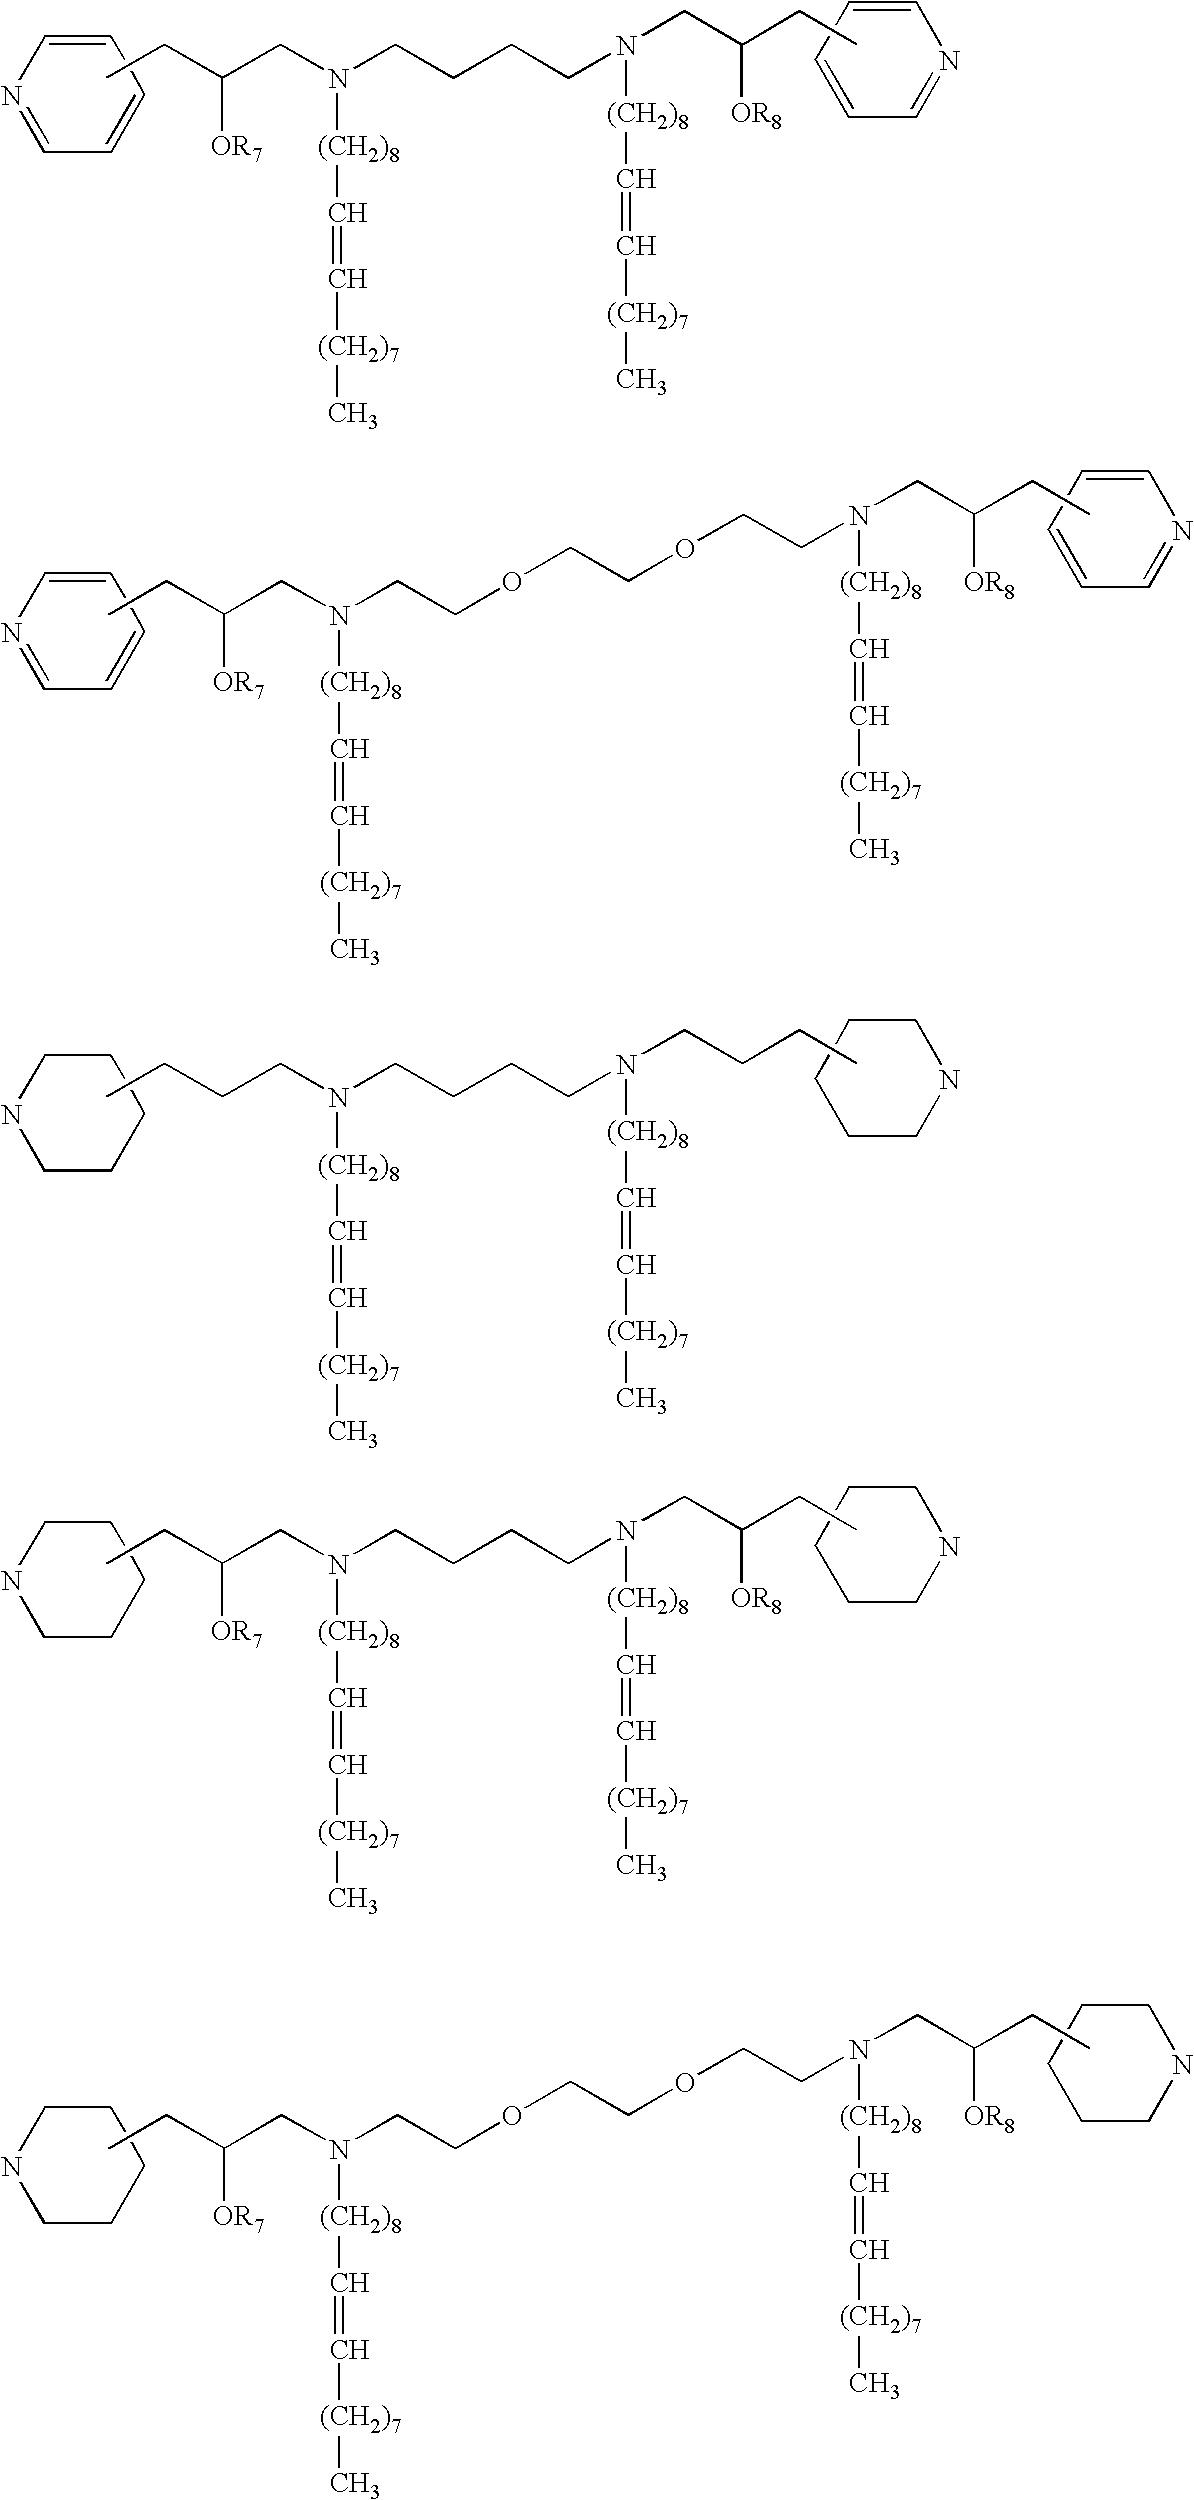 Figure US07601872-20091013-C00045